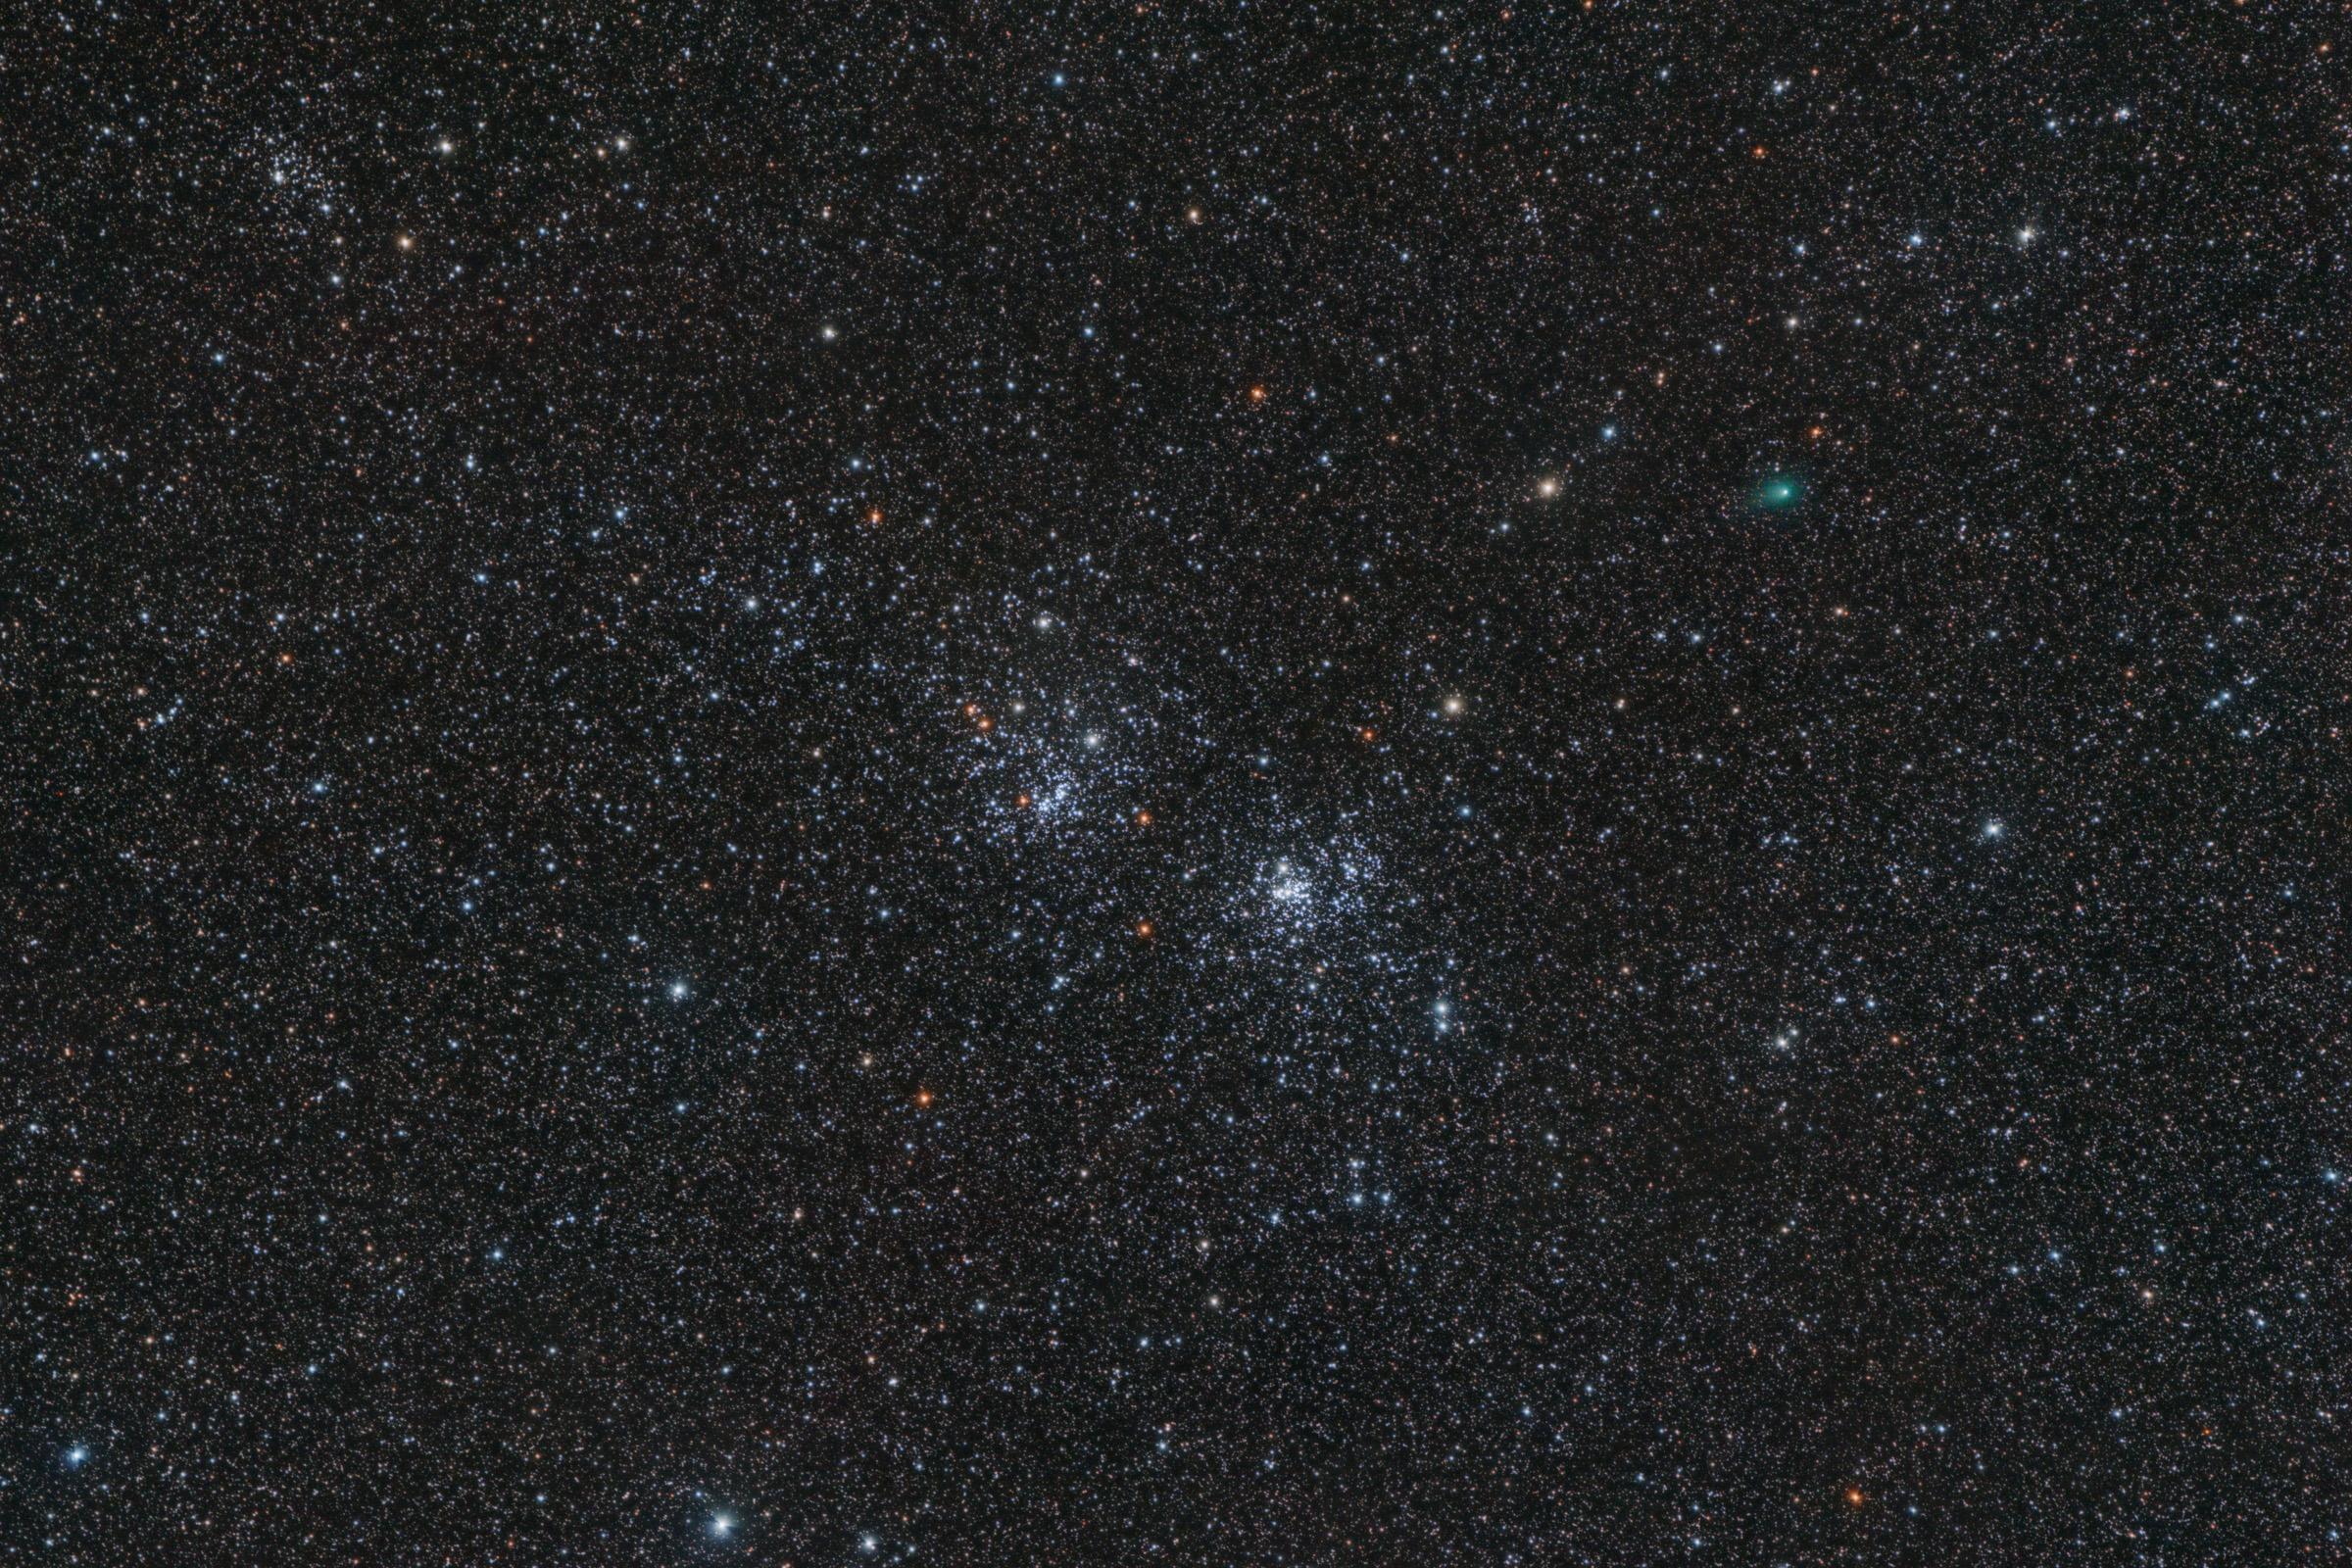 Komeet C/2017 T2 (PANSTARRS) & Dubbelcluster